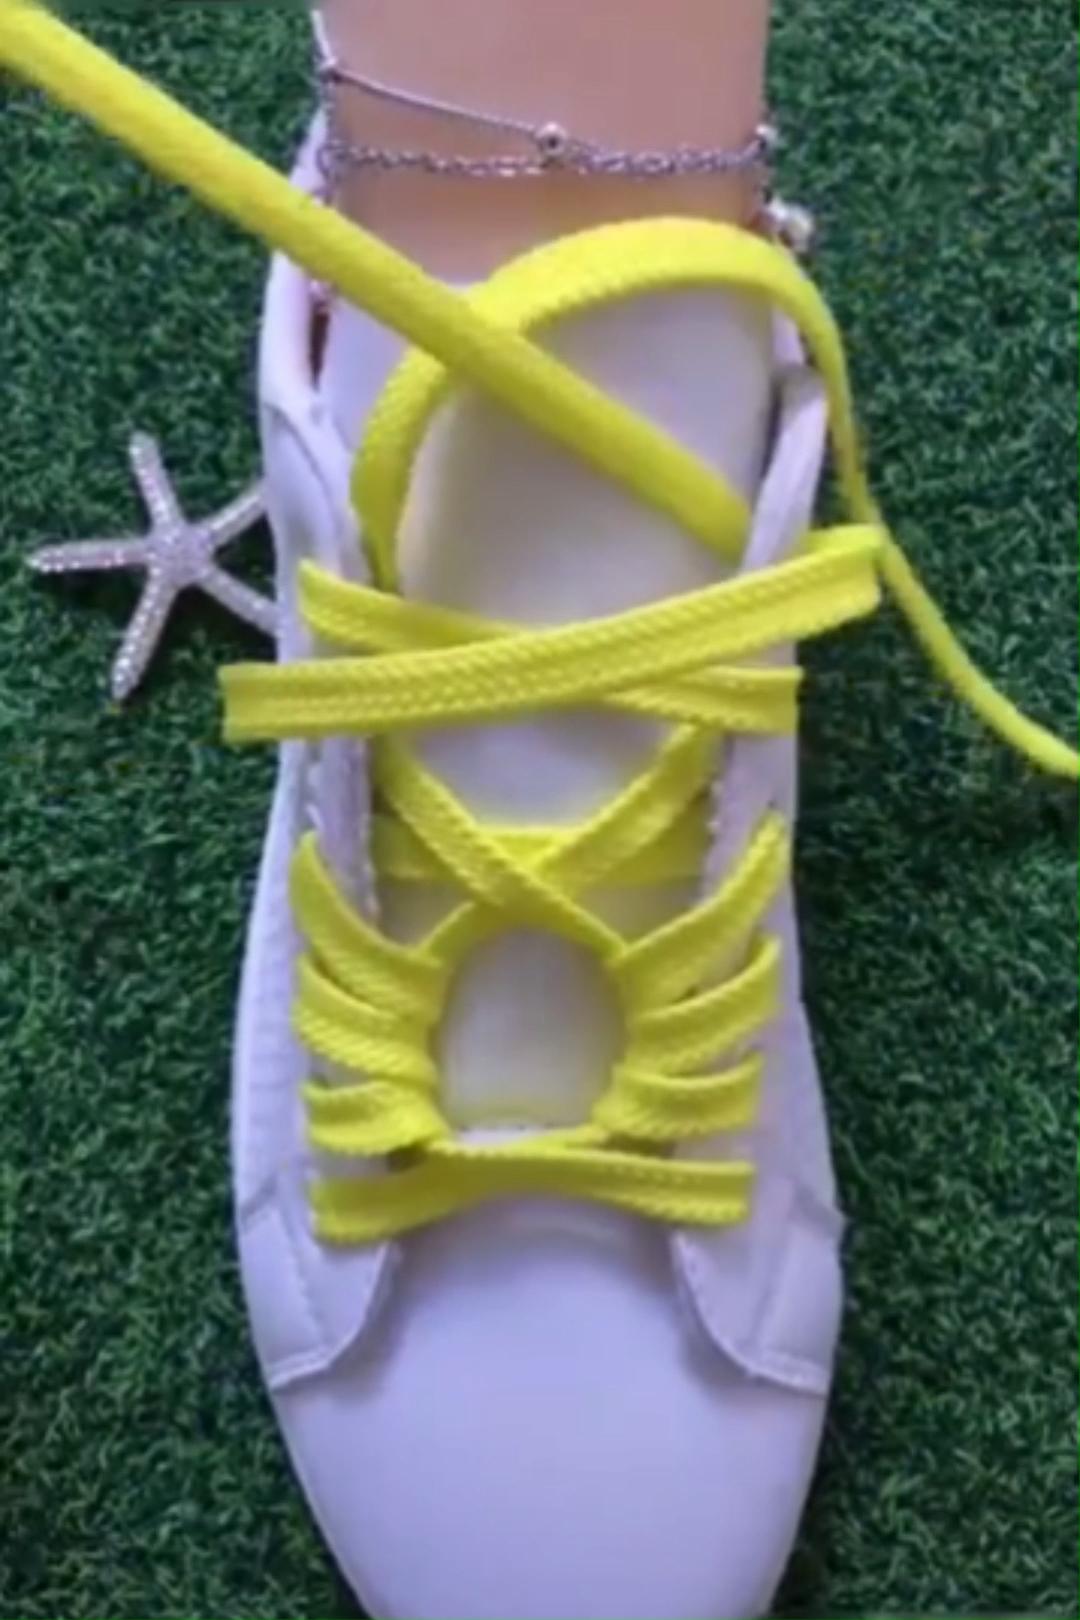 Pin De Kerstin Thiele En Mode Video Cordones De Zapatillas Cordones Para Zapatos Amarre De Zapatos